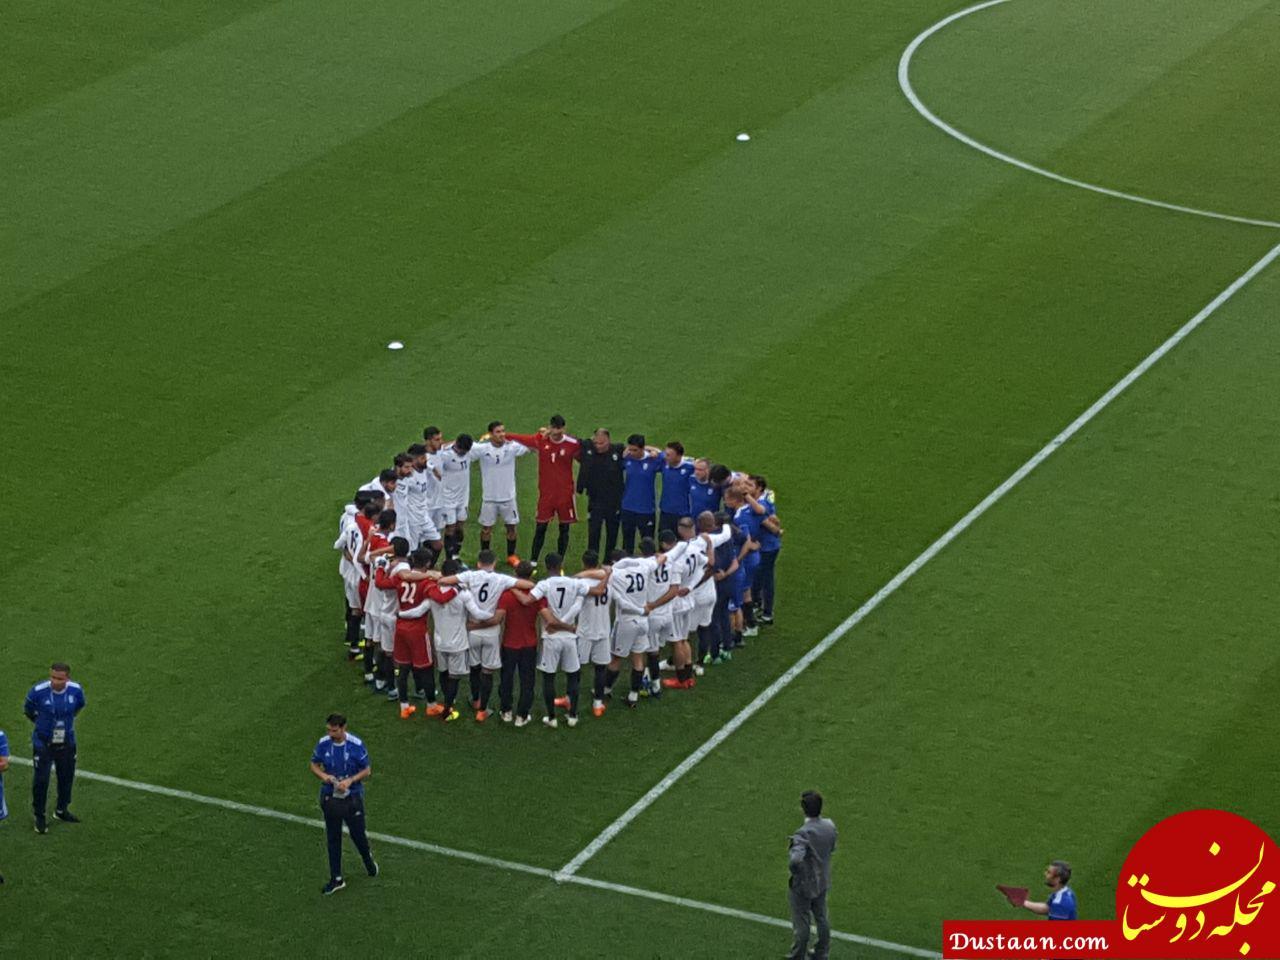 www.dustaan.com تماشای فیلم «سرباز رایان» برای بازیکنان تیمملی |حلقه اتحاد قبل از بازی با پرتغال